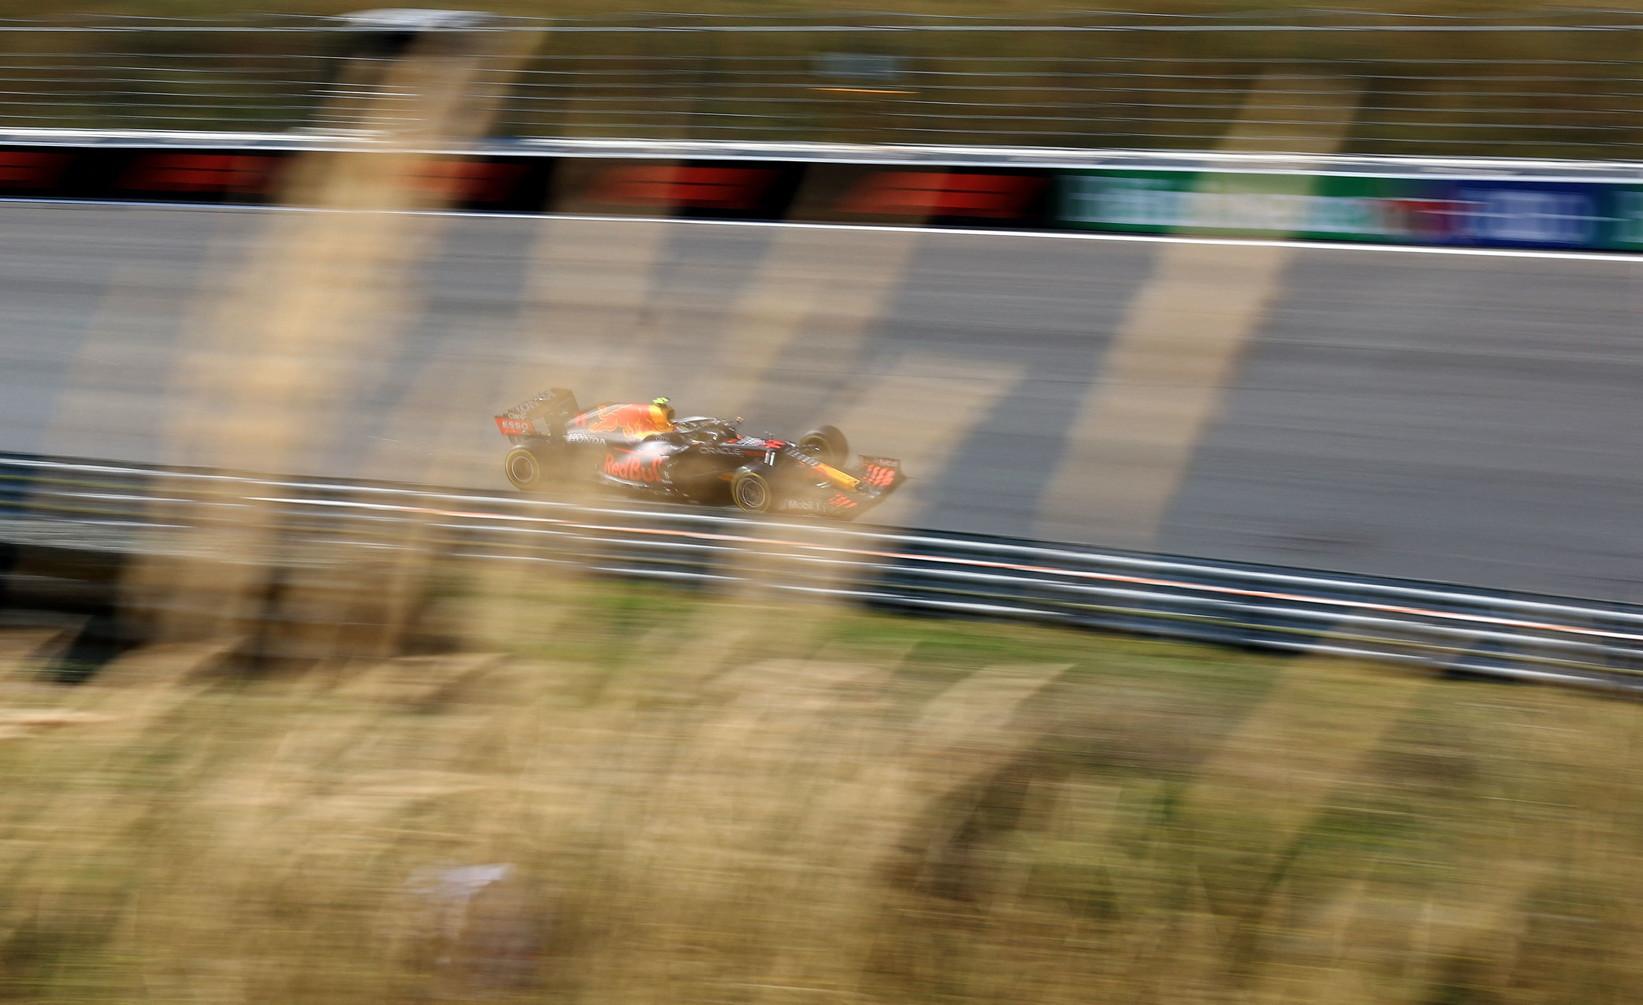 Max Verstappen &egrave; il poleman del GP d&#39;Olanda a Zandvoort, pista tornata in calendario dopo 36 lunghi anni di assenza.<br /><br />